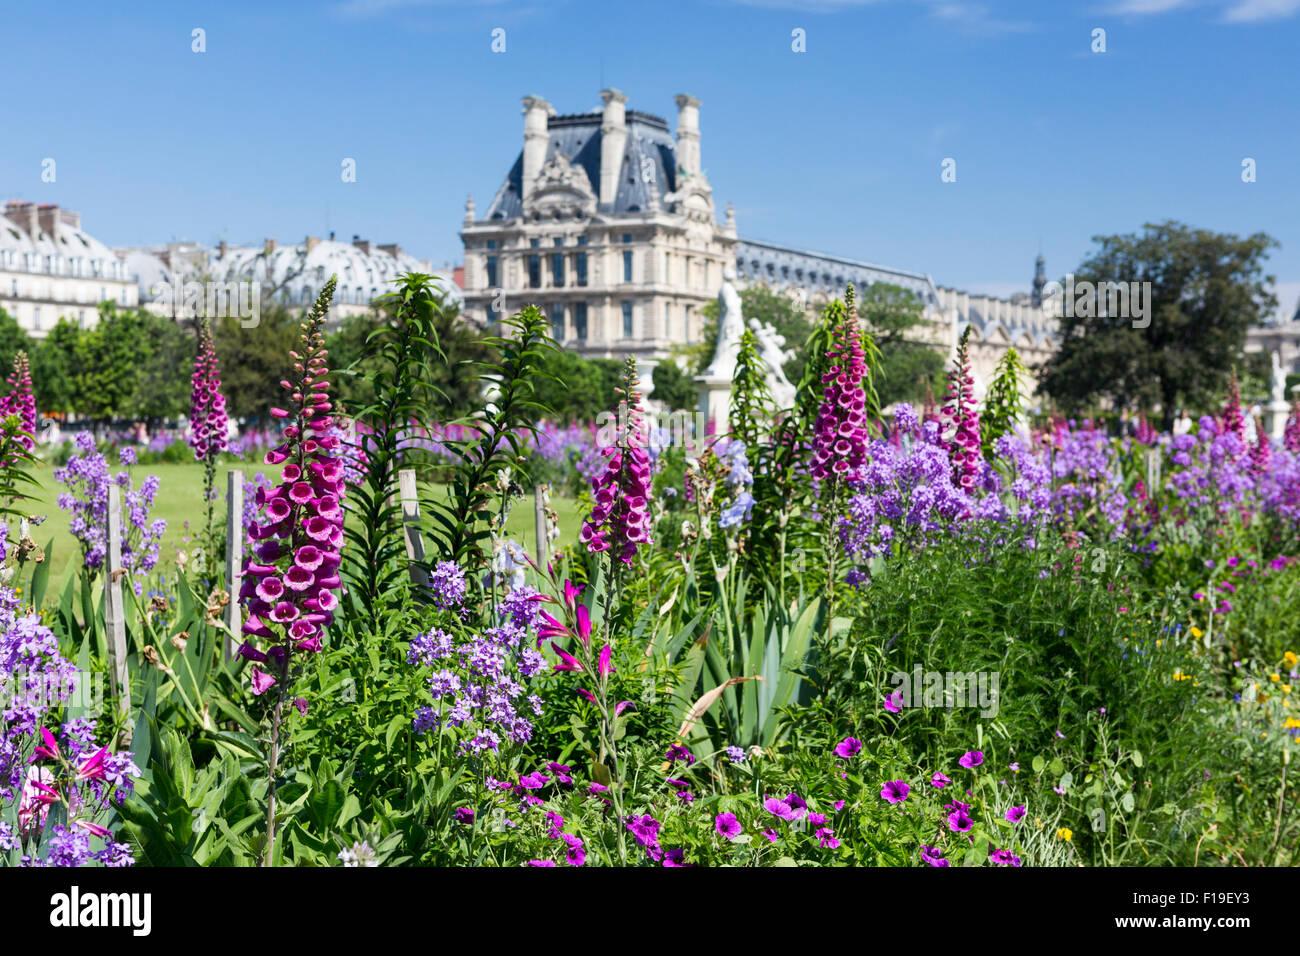 La primavera en París: cama con flores y foxglove - flores en el jardín con Tuilleries Louvre en la distancia Foto de stock